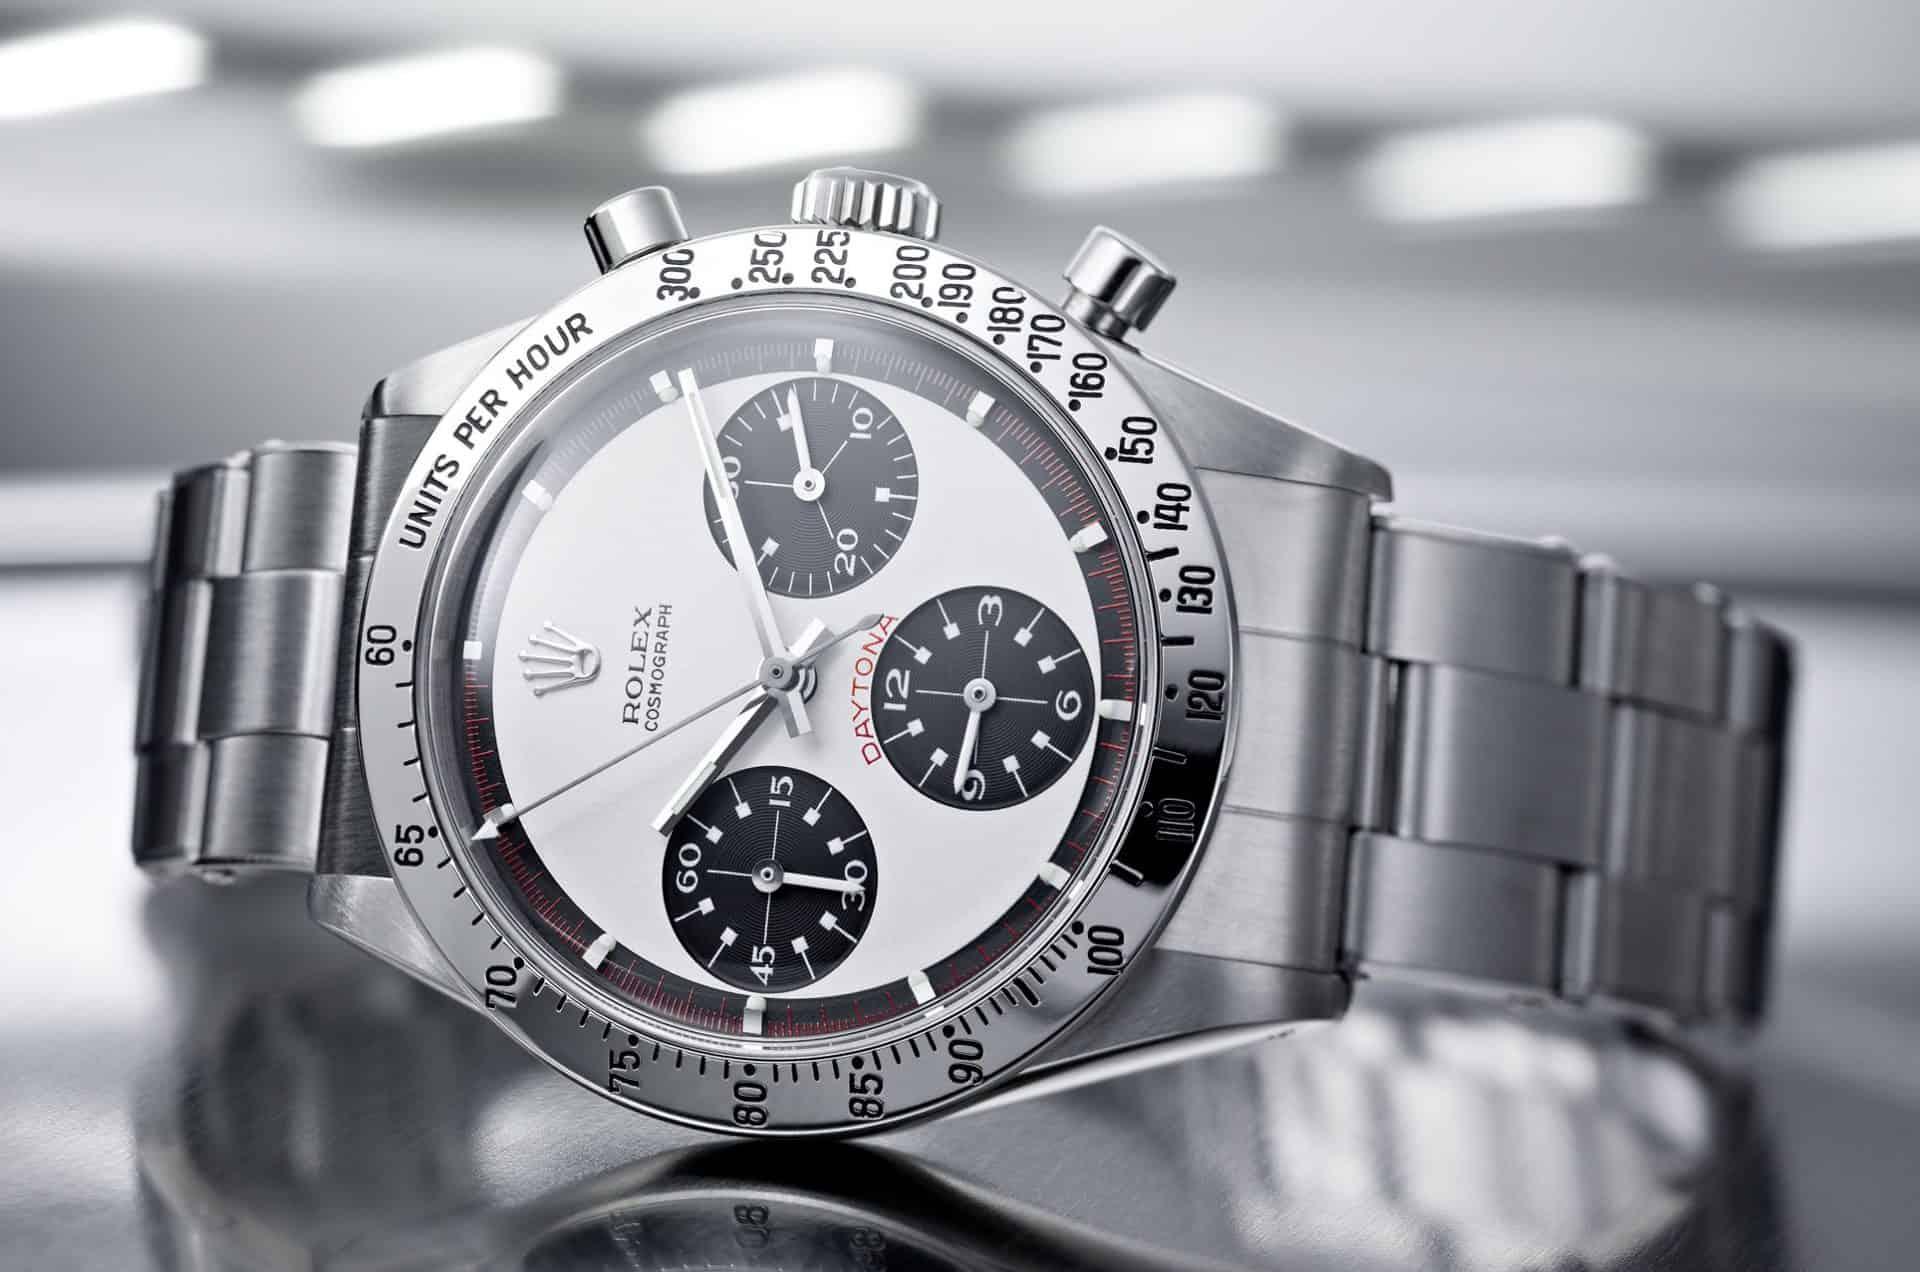 """Für den Vintage Rolex Daytona Chronographen """"Paul Newman"""", Referenz 6239, werden sechstellige Summen geboten"""